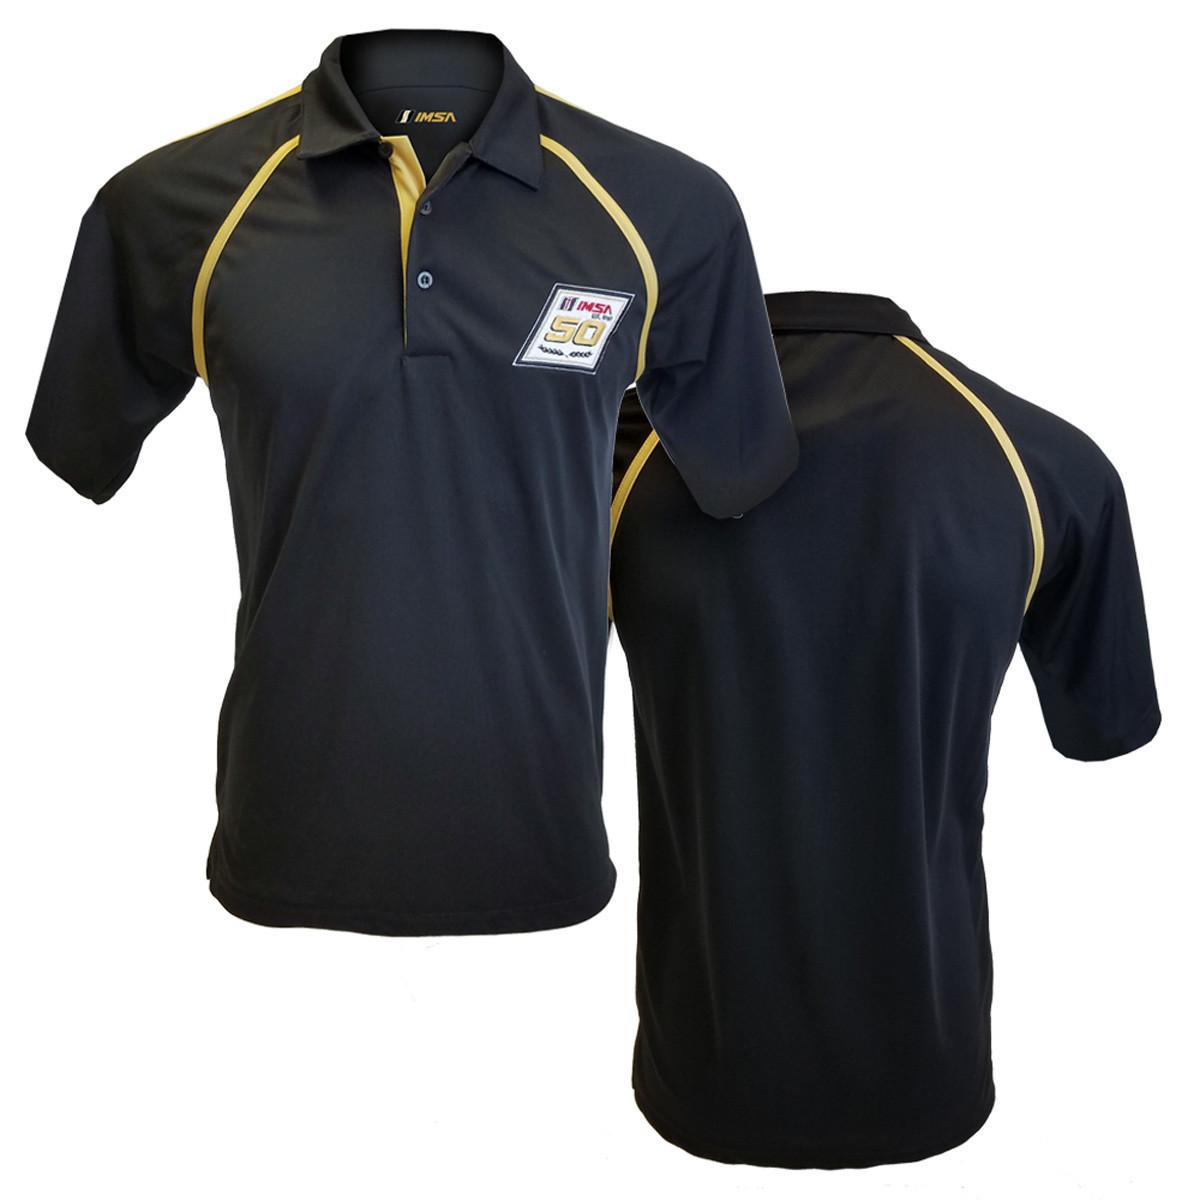 IMSA 50th Eversole Polo -Black/Gold